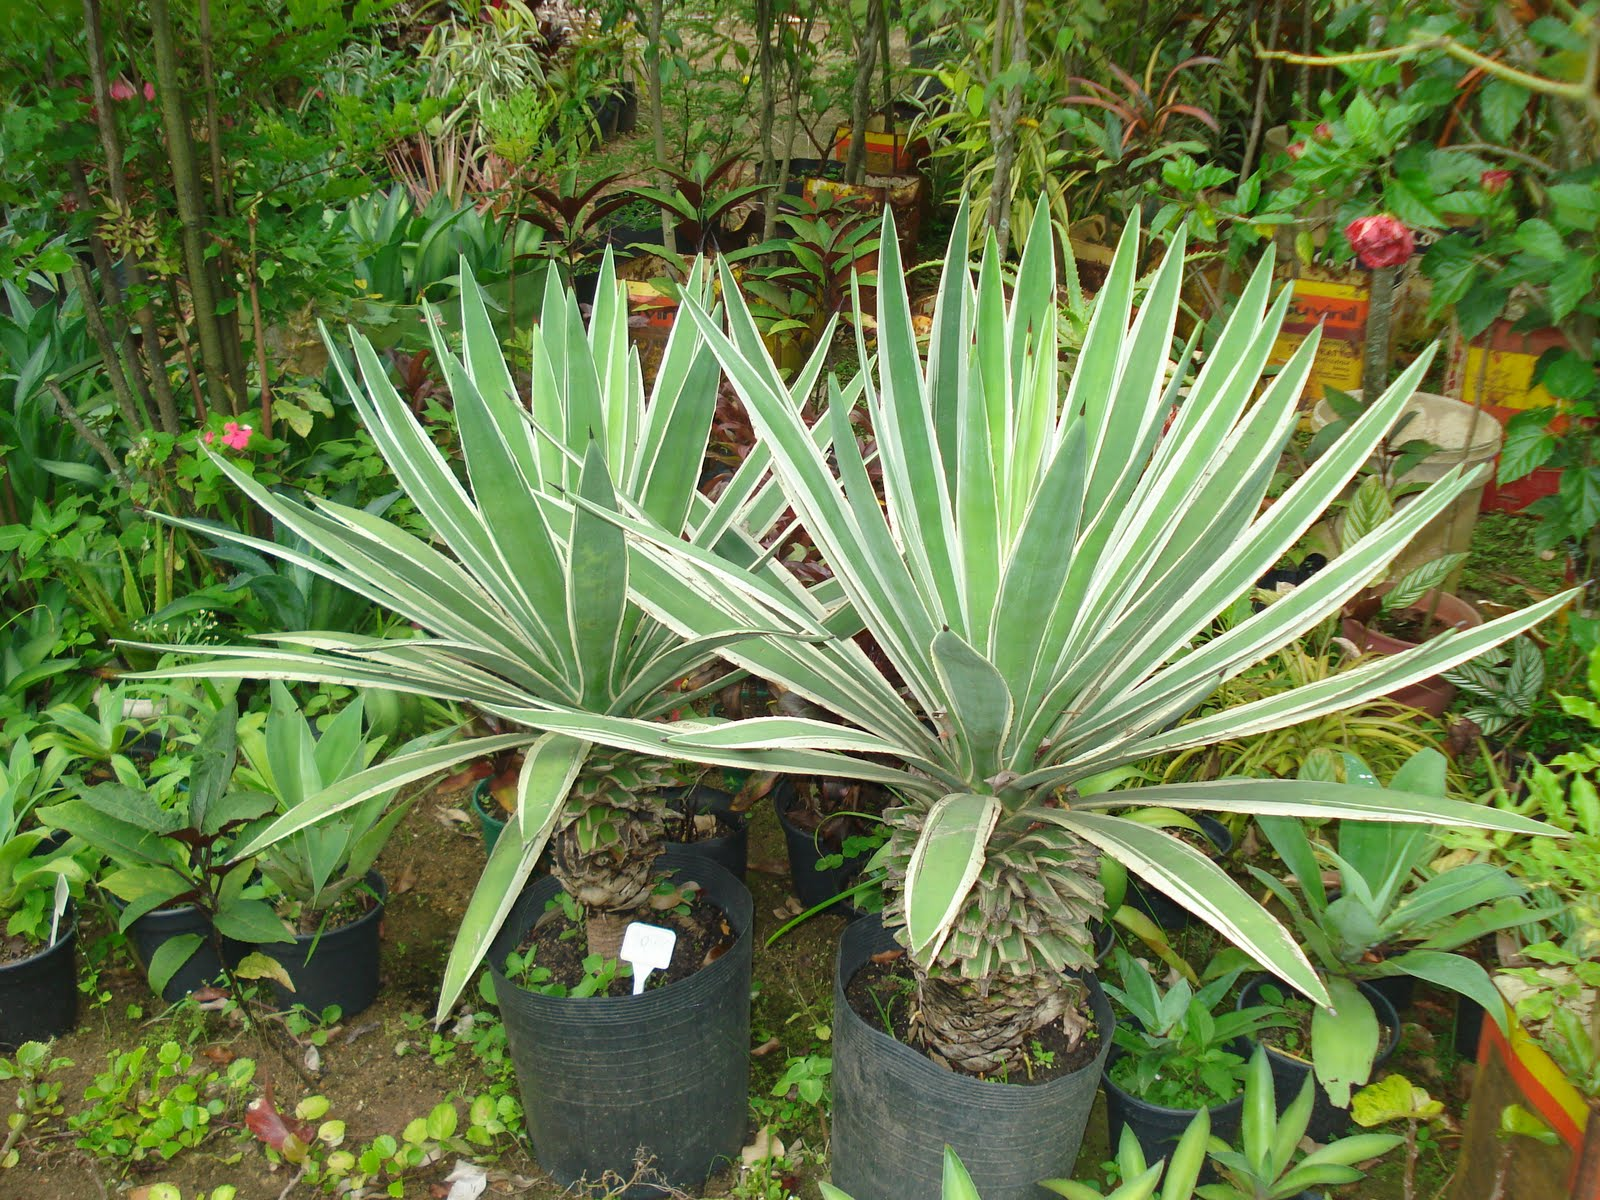 plantas e jardins ornamentais:Postado por Plantas Ornamentais e Manutenção de Jardins às 3.6.10